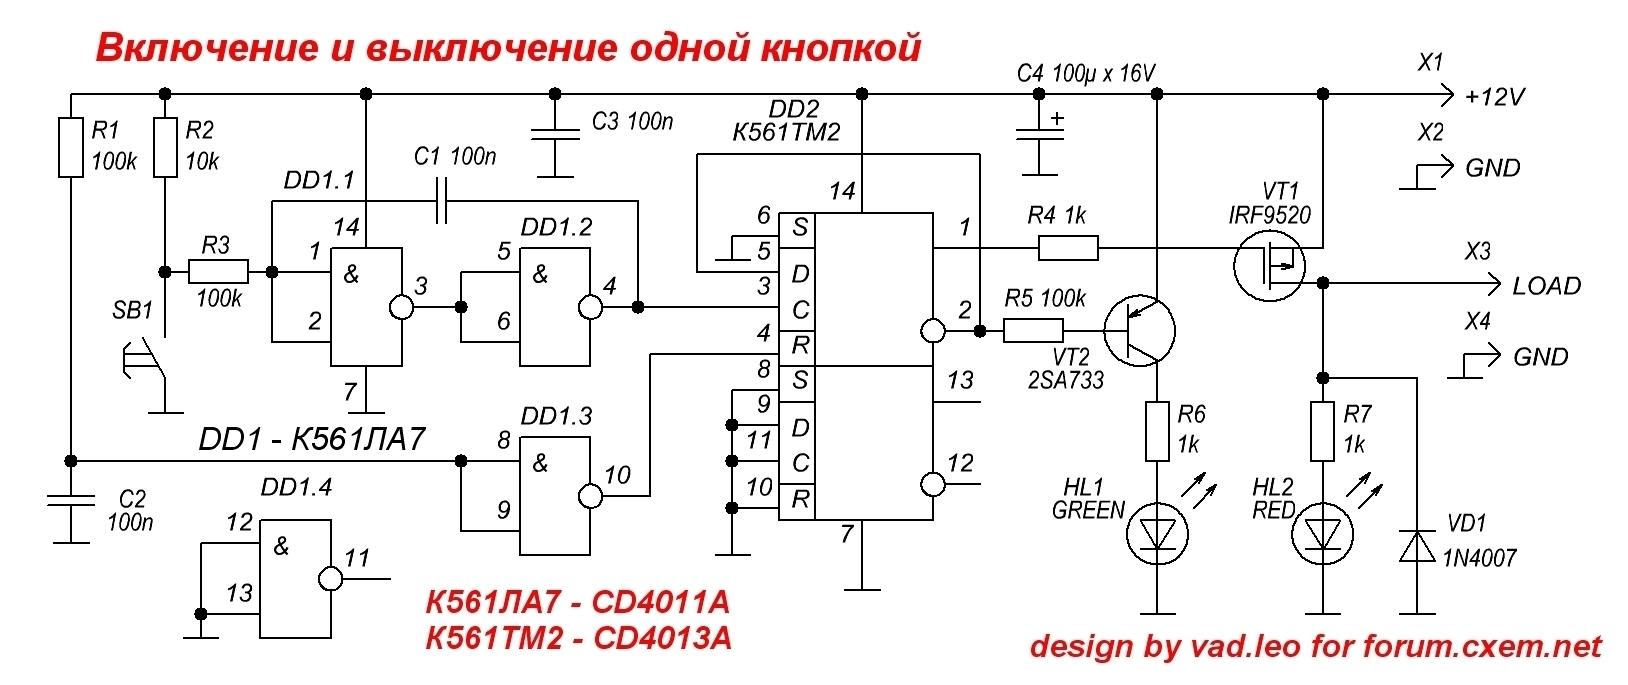 Схема для кнопки без фиксации